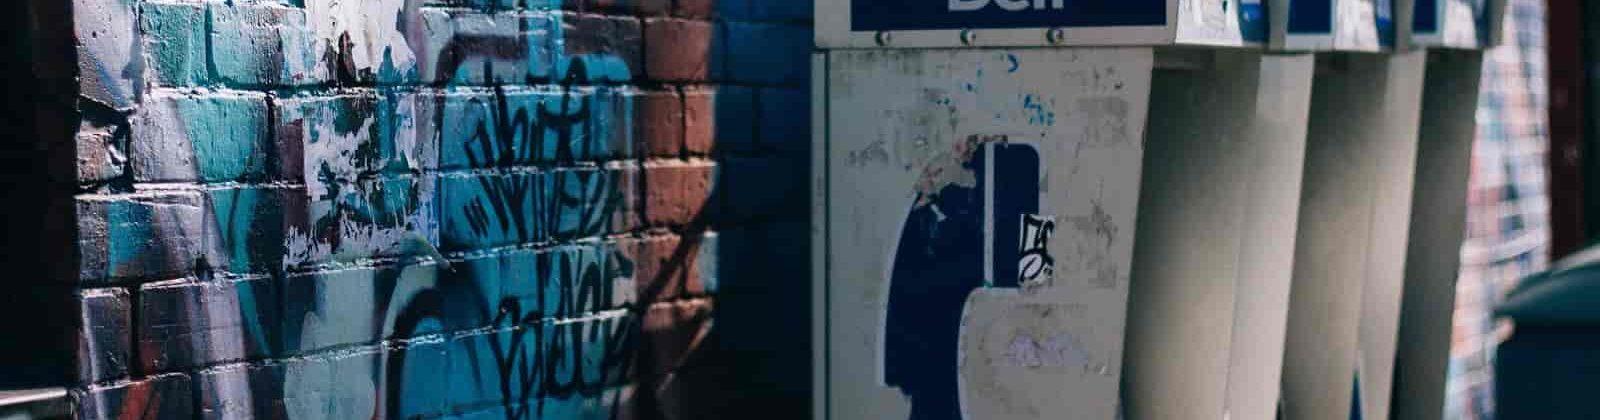 graffiti phone contact page